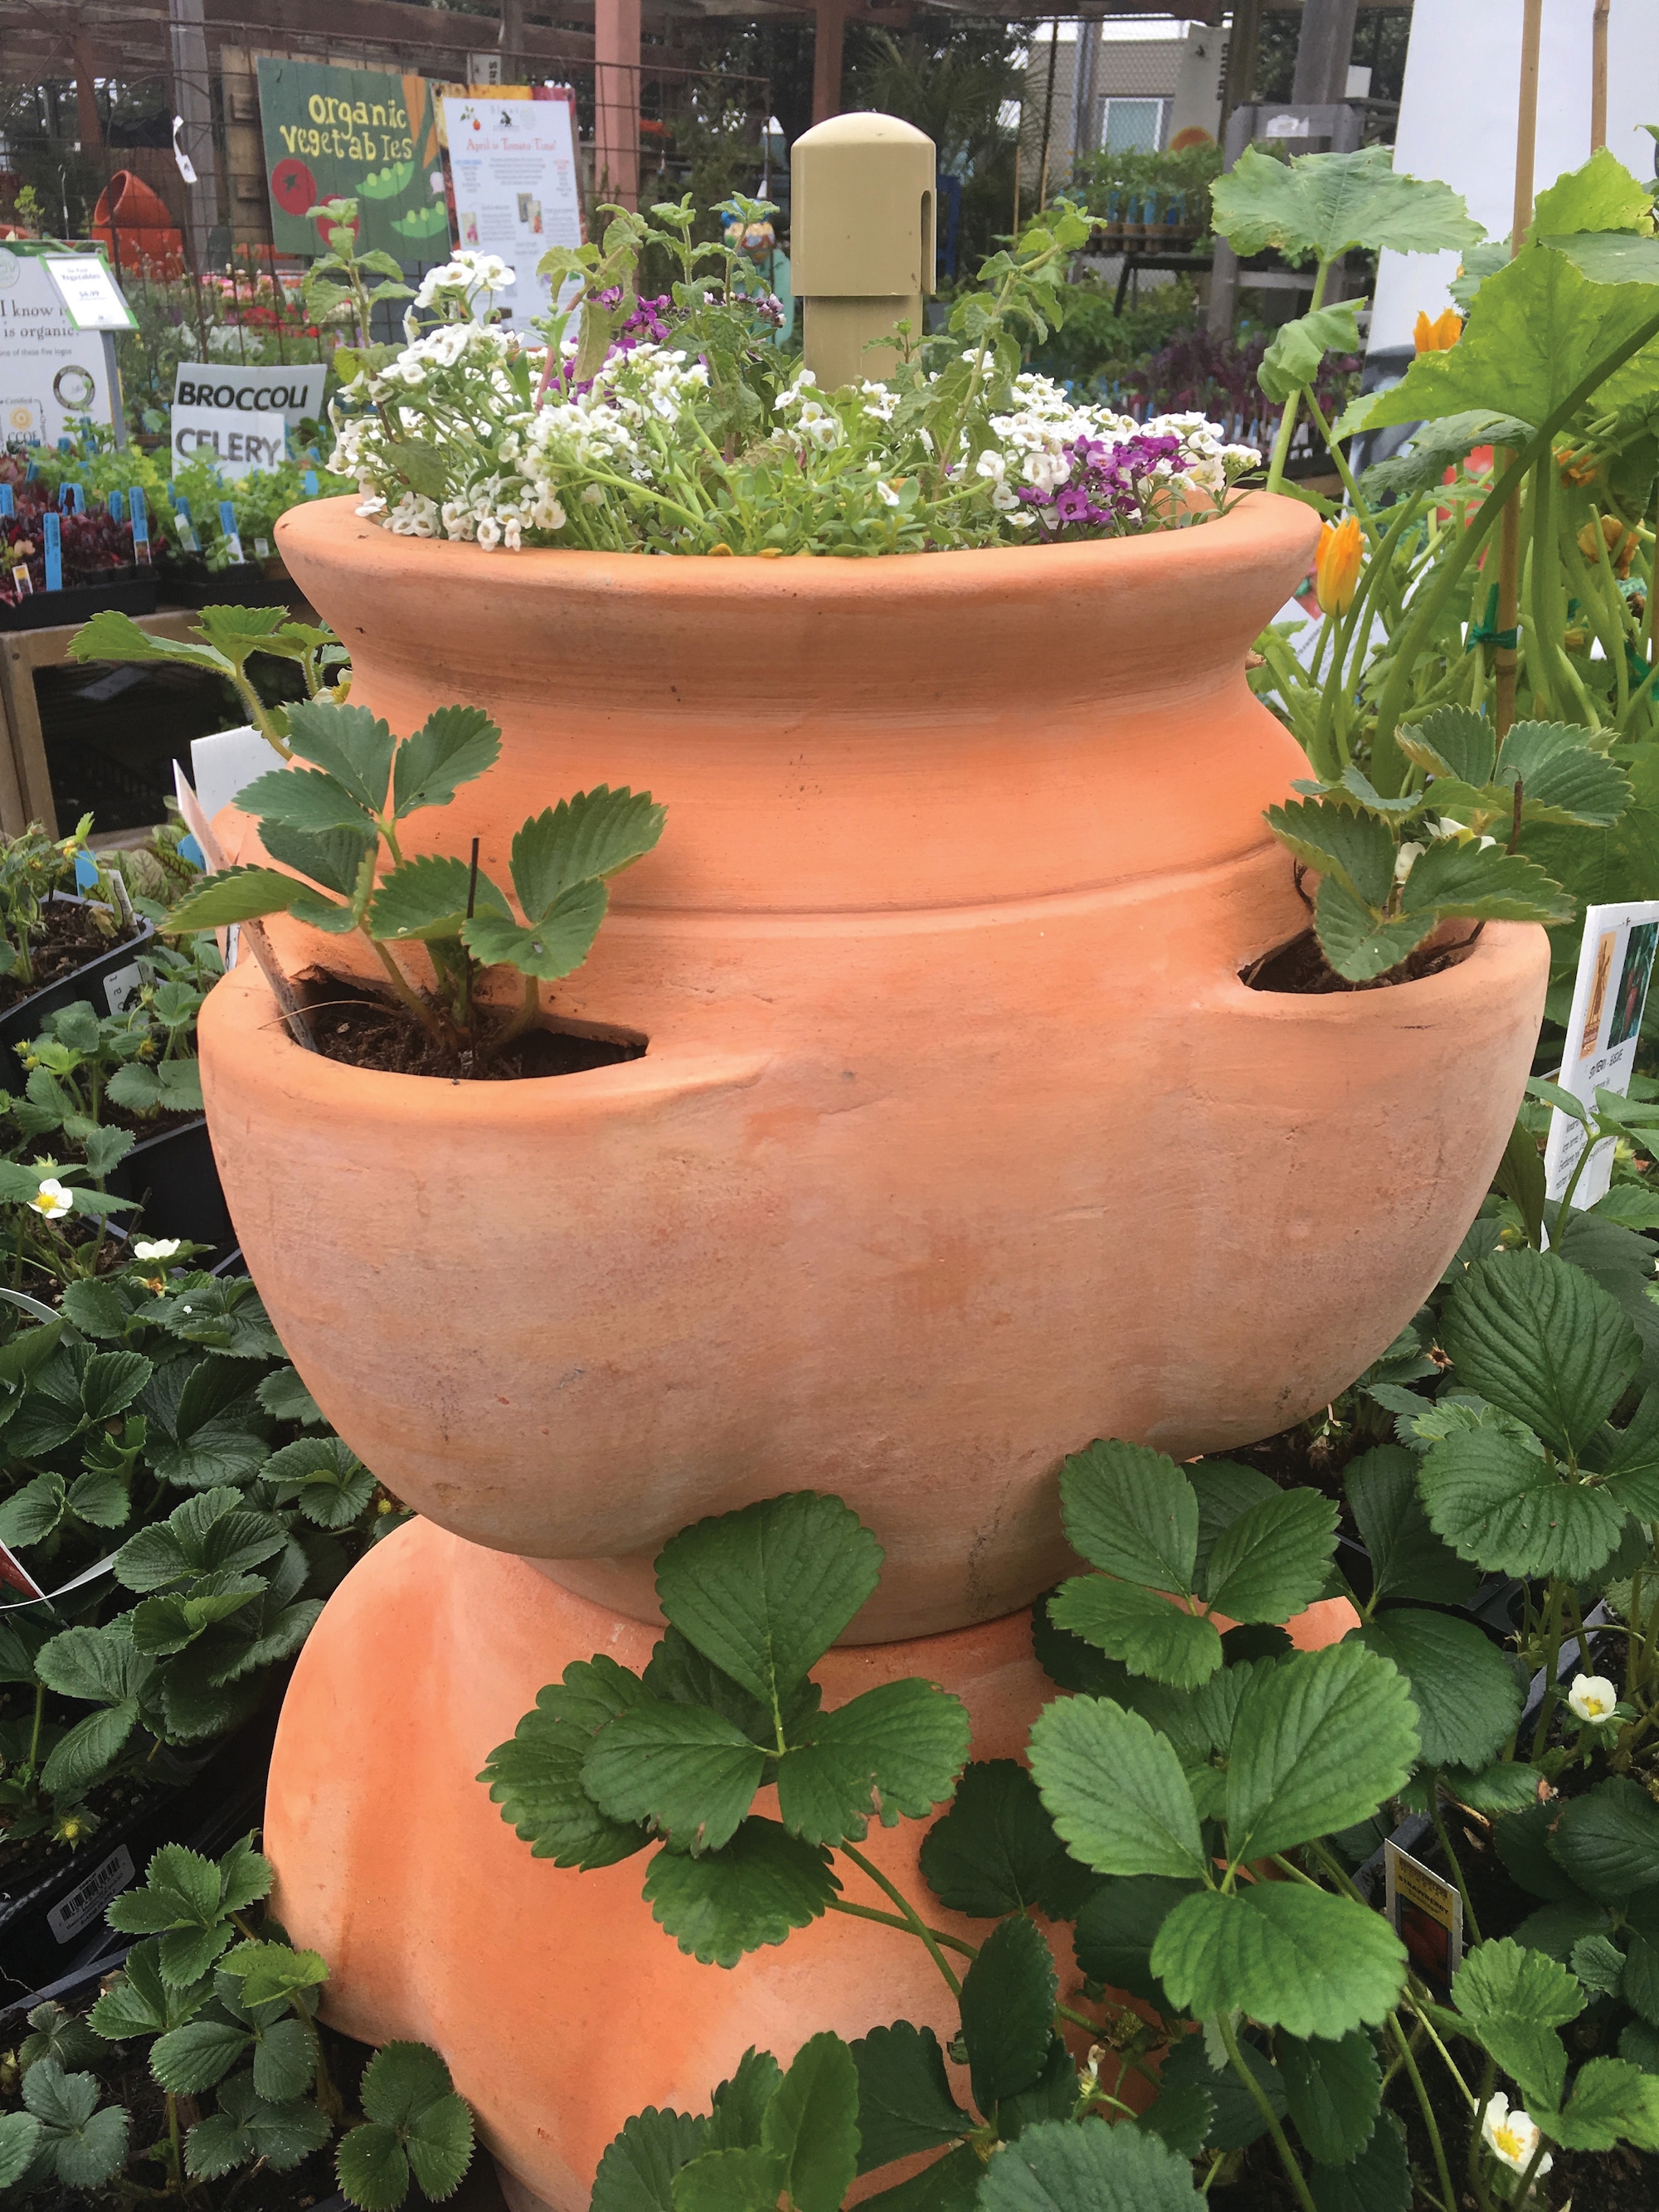 Pottery Sloat Garden Center